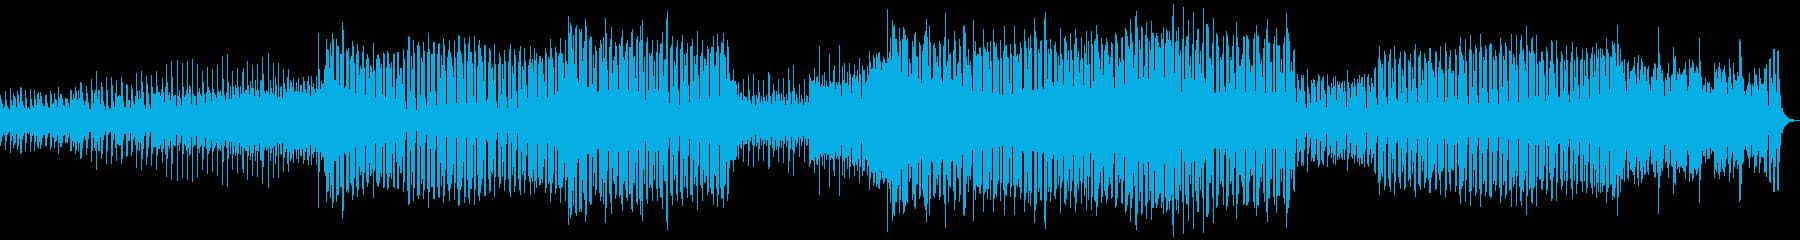 ノリのいいシンプルなEDMの再生済みの波形